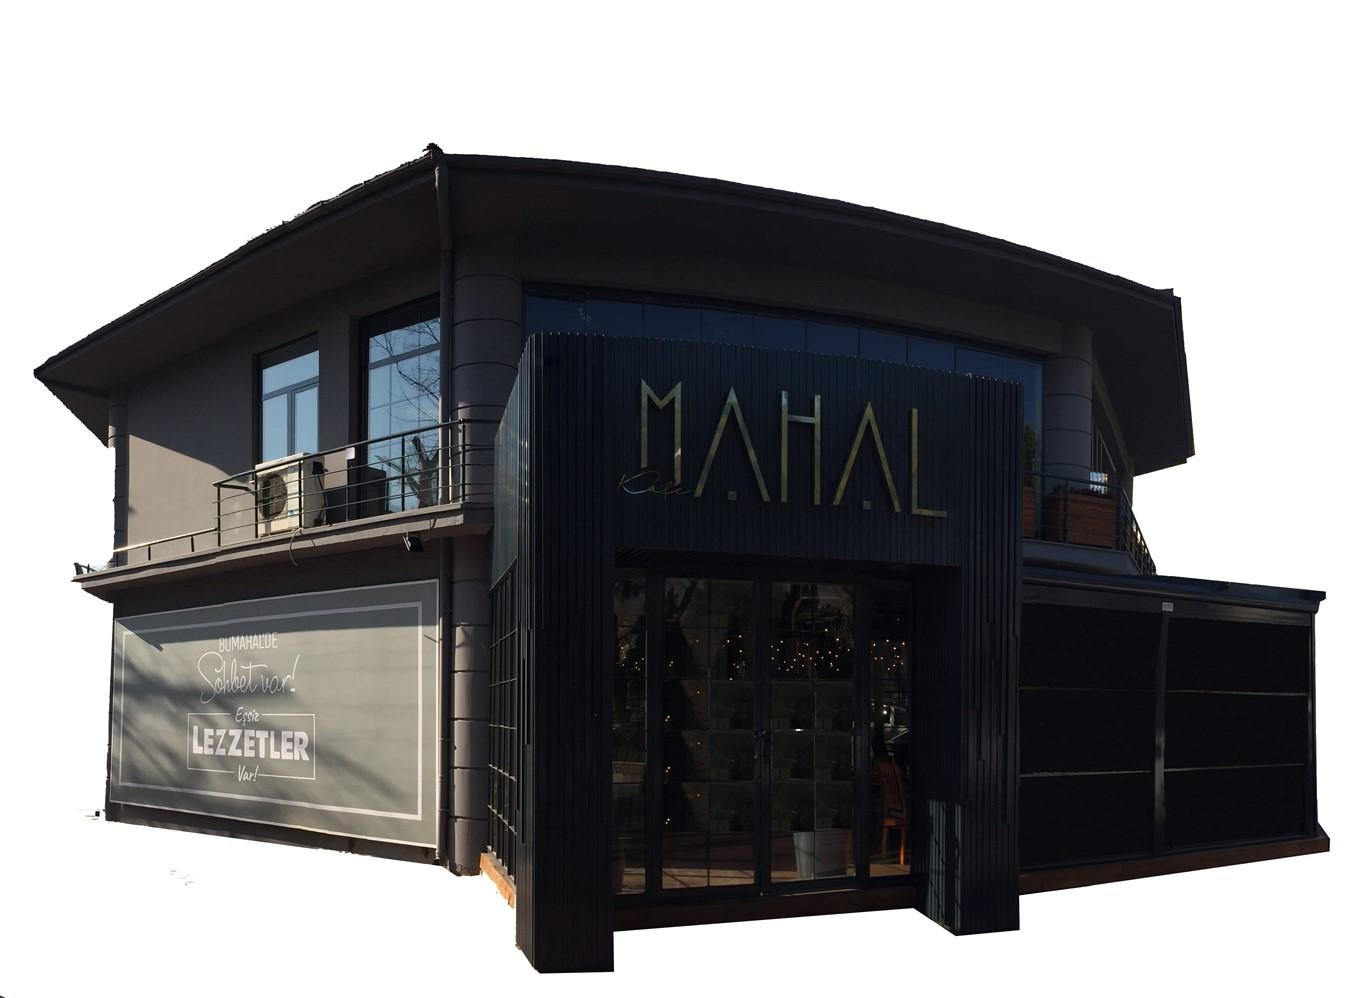 Mahal Cafe